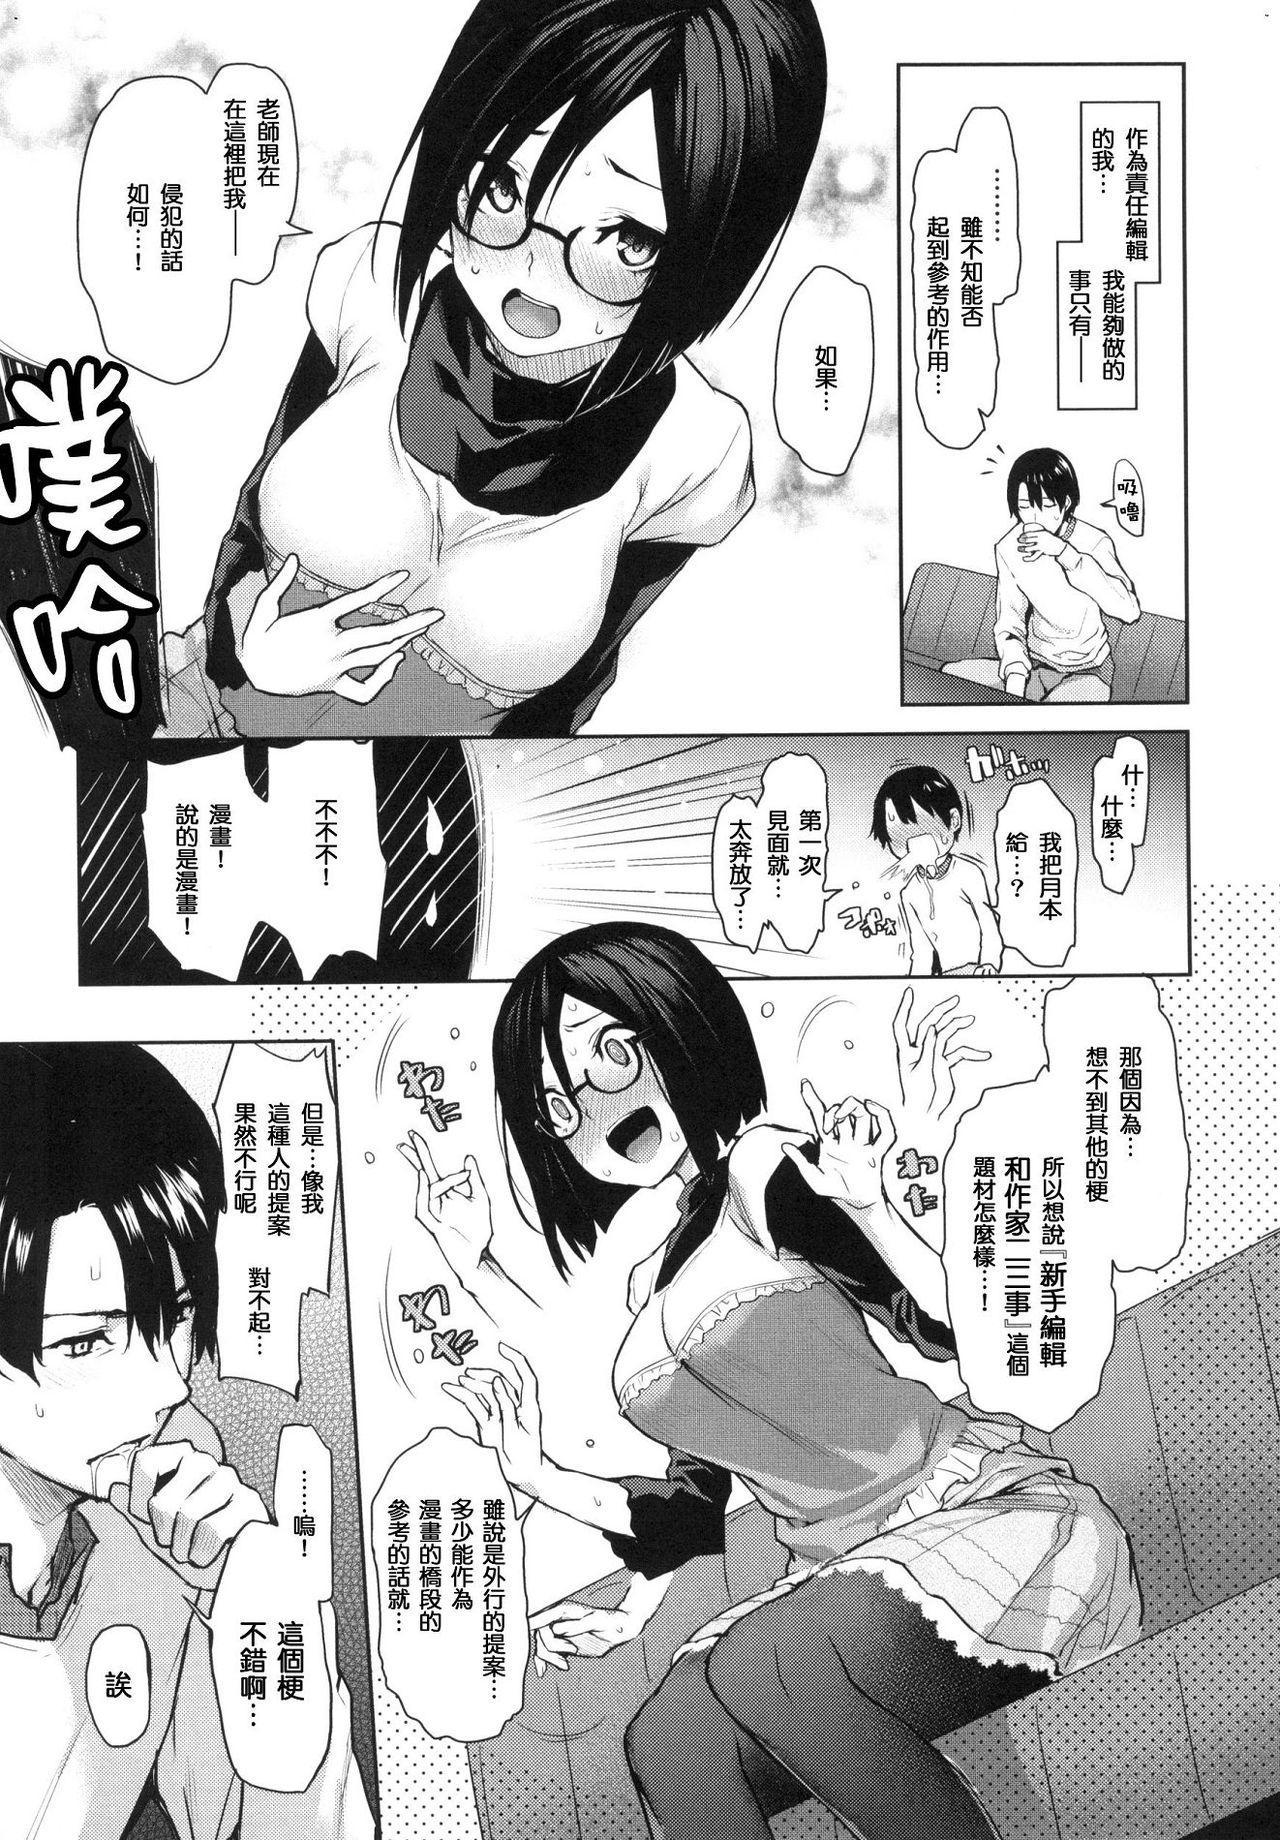 Azato Making Shokai Genteiban 41